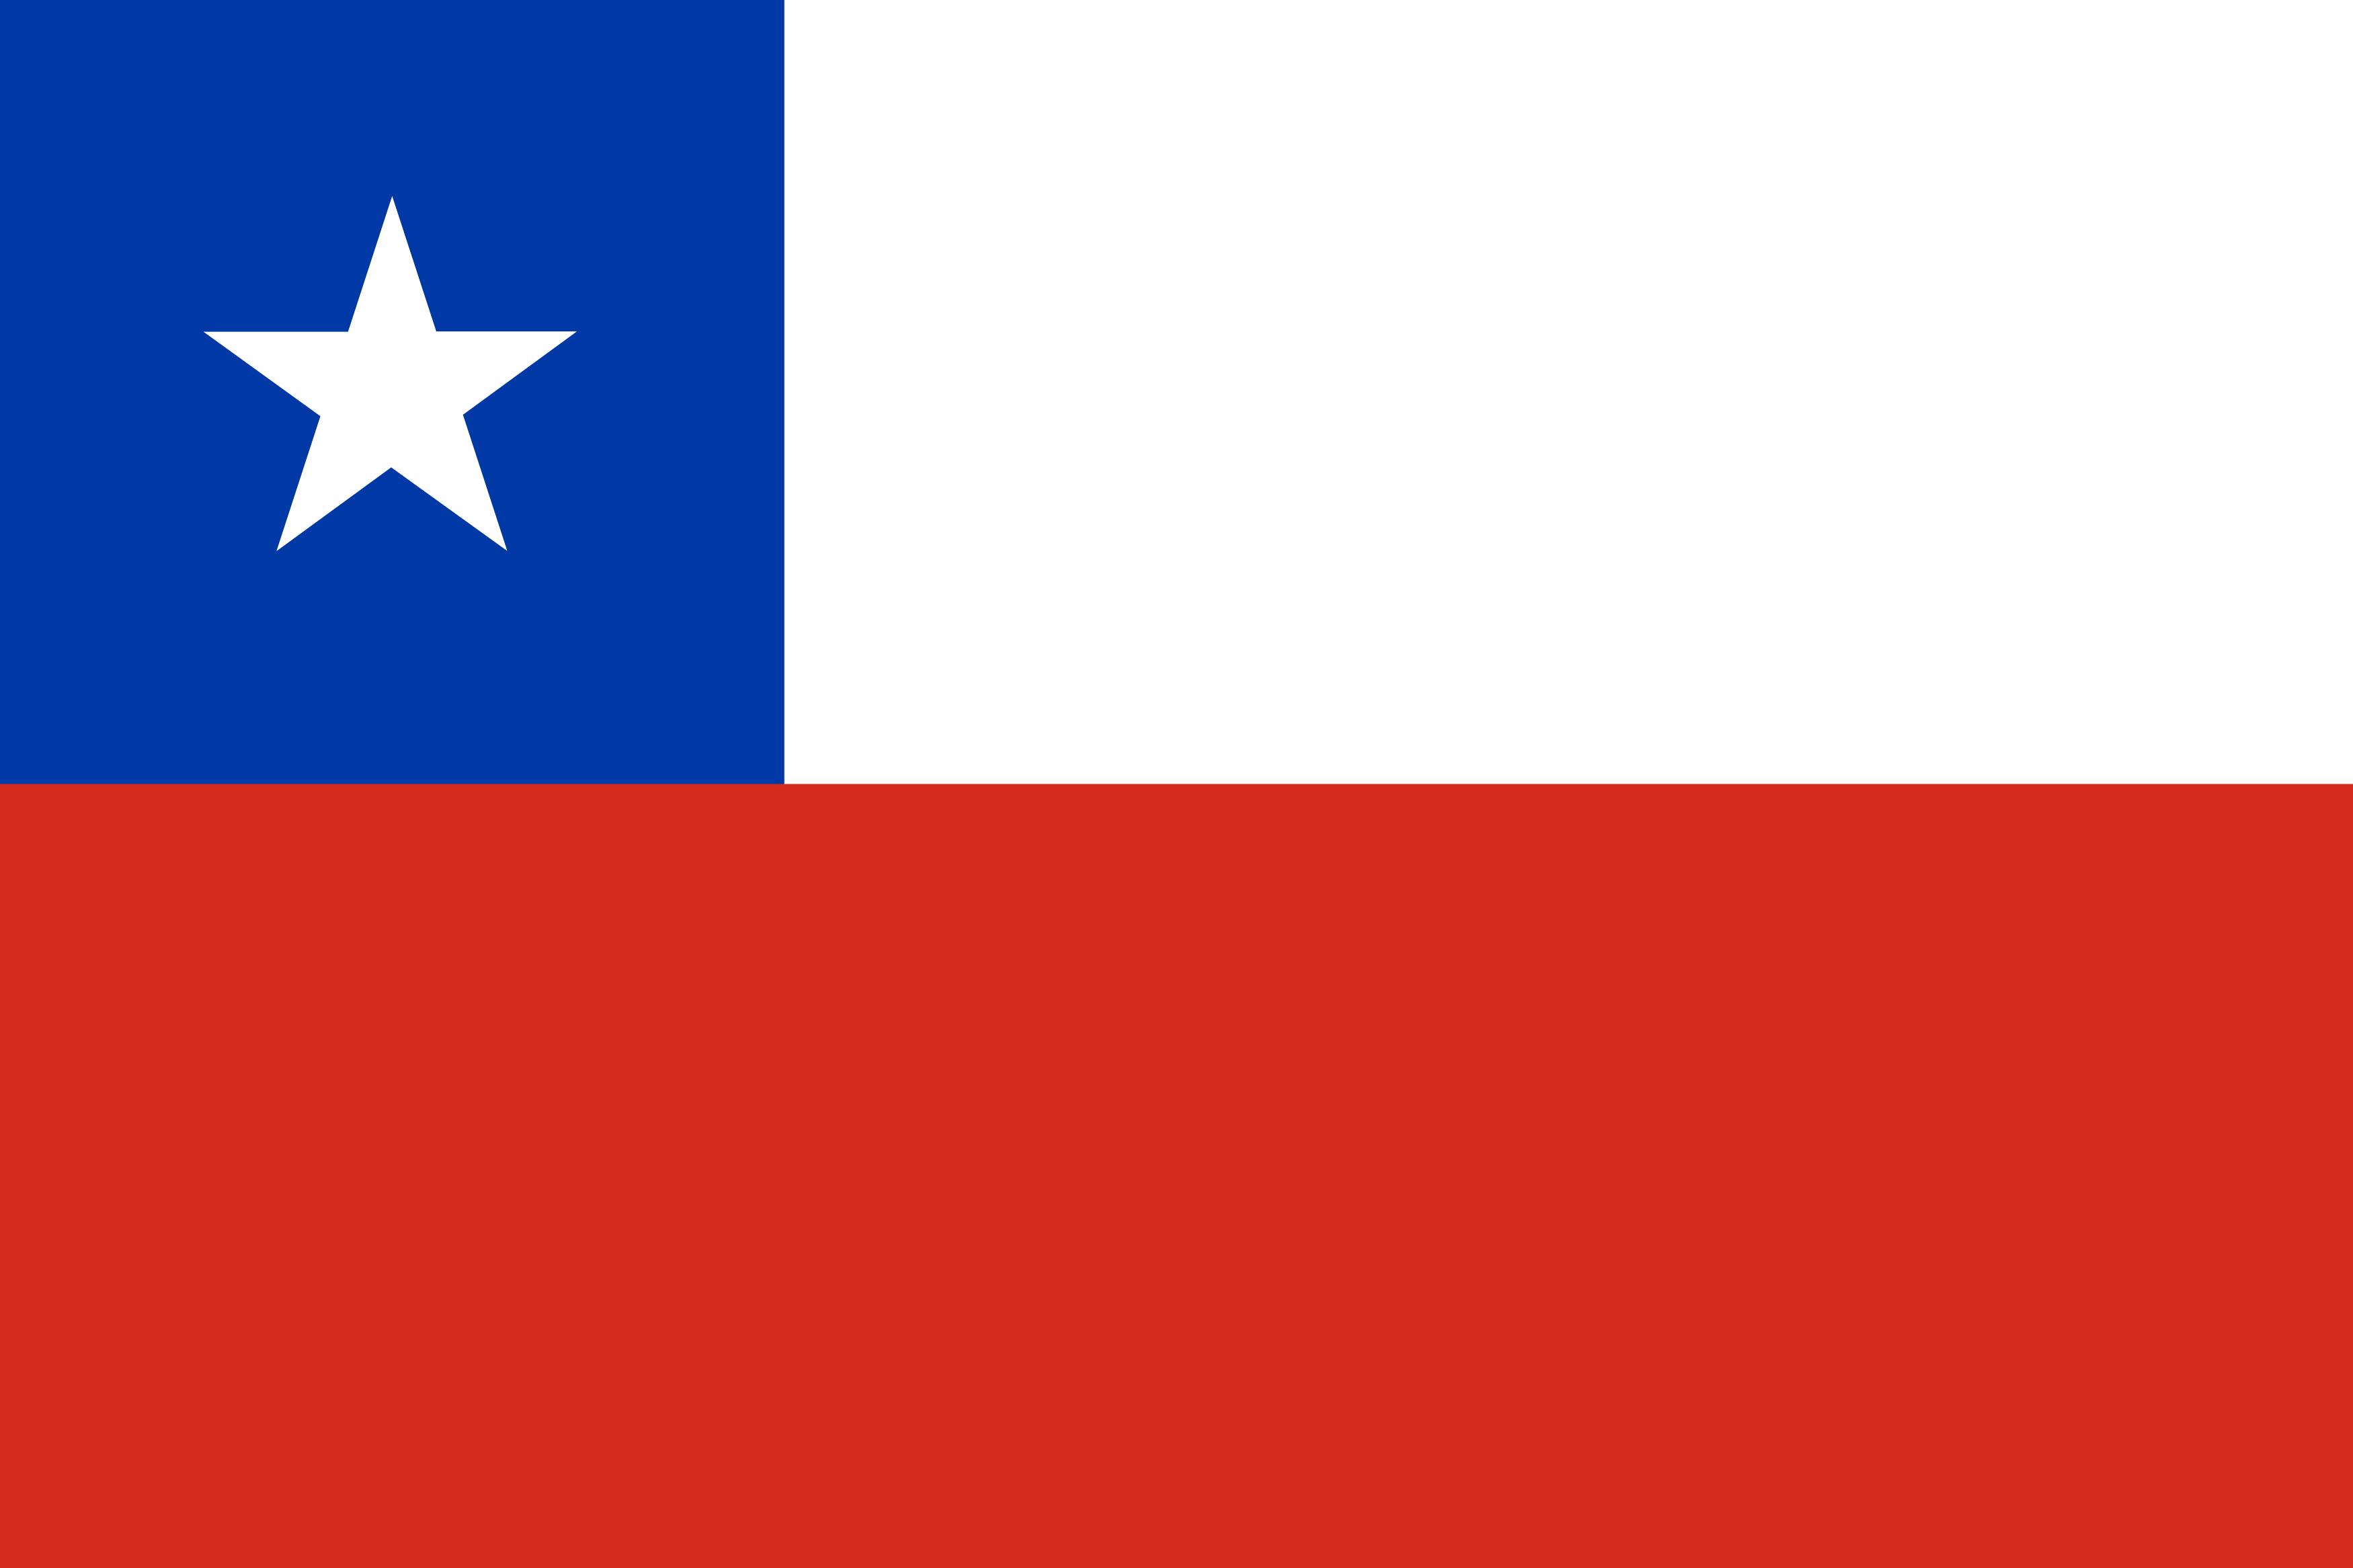 bandeira do chile - Bandeira do Chile